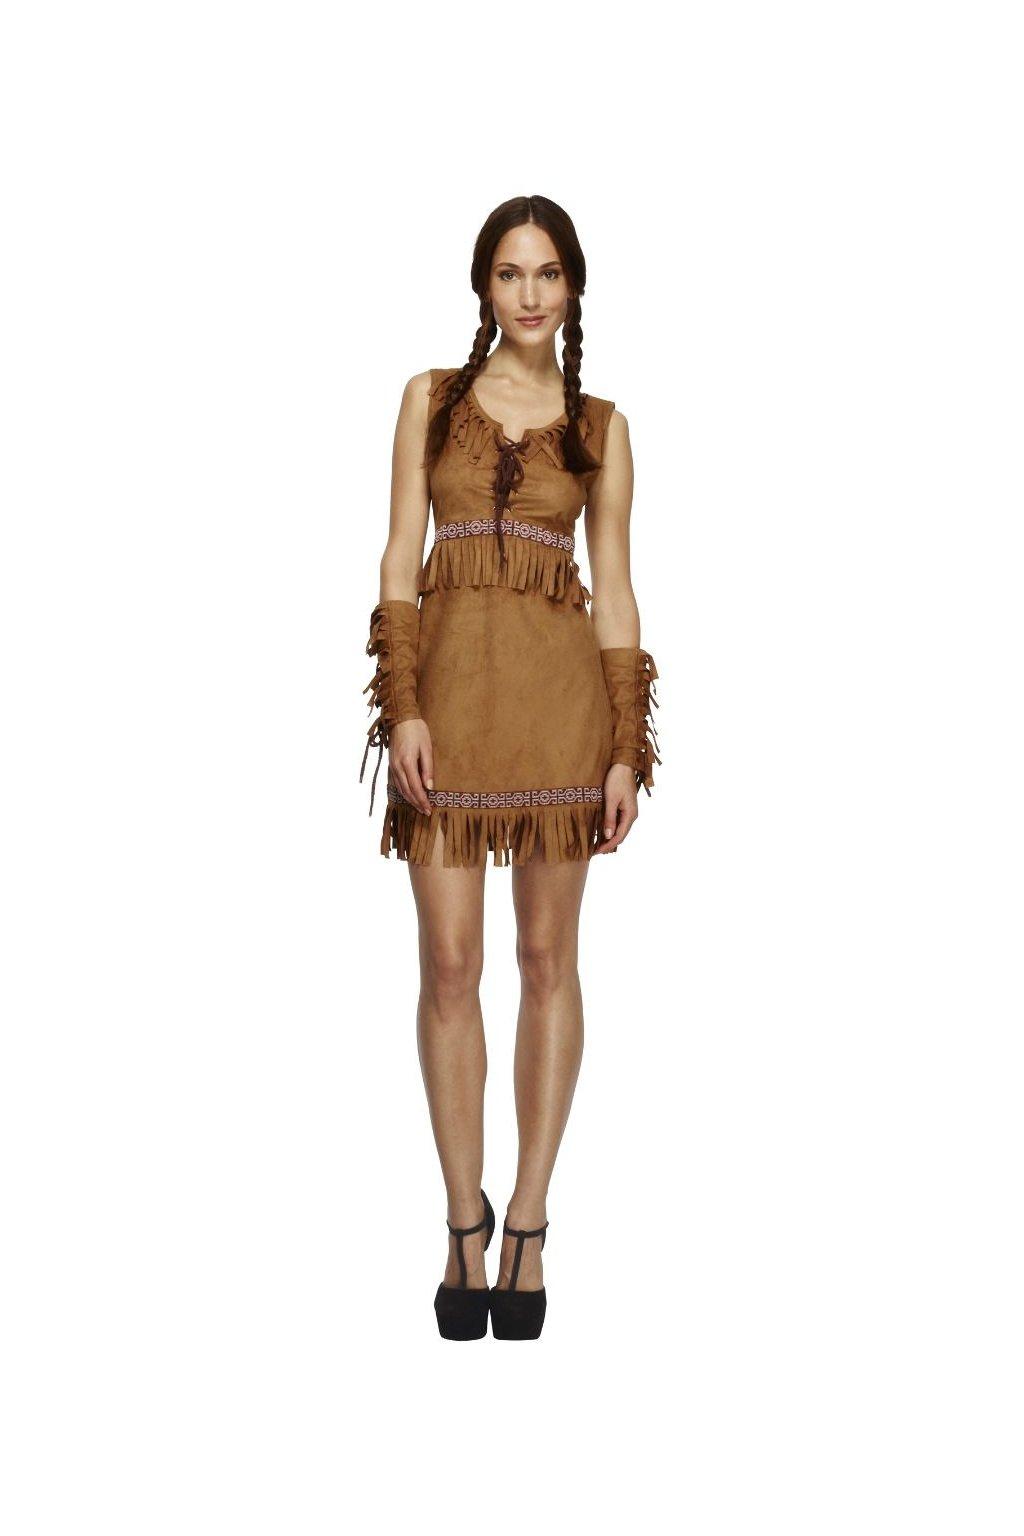 Dámský kostým indiánky - Pocahontas Fever